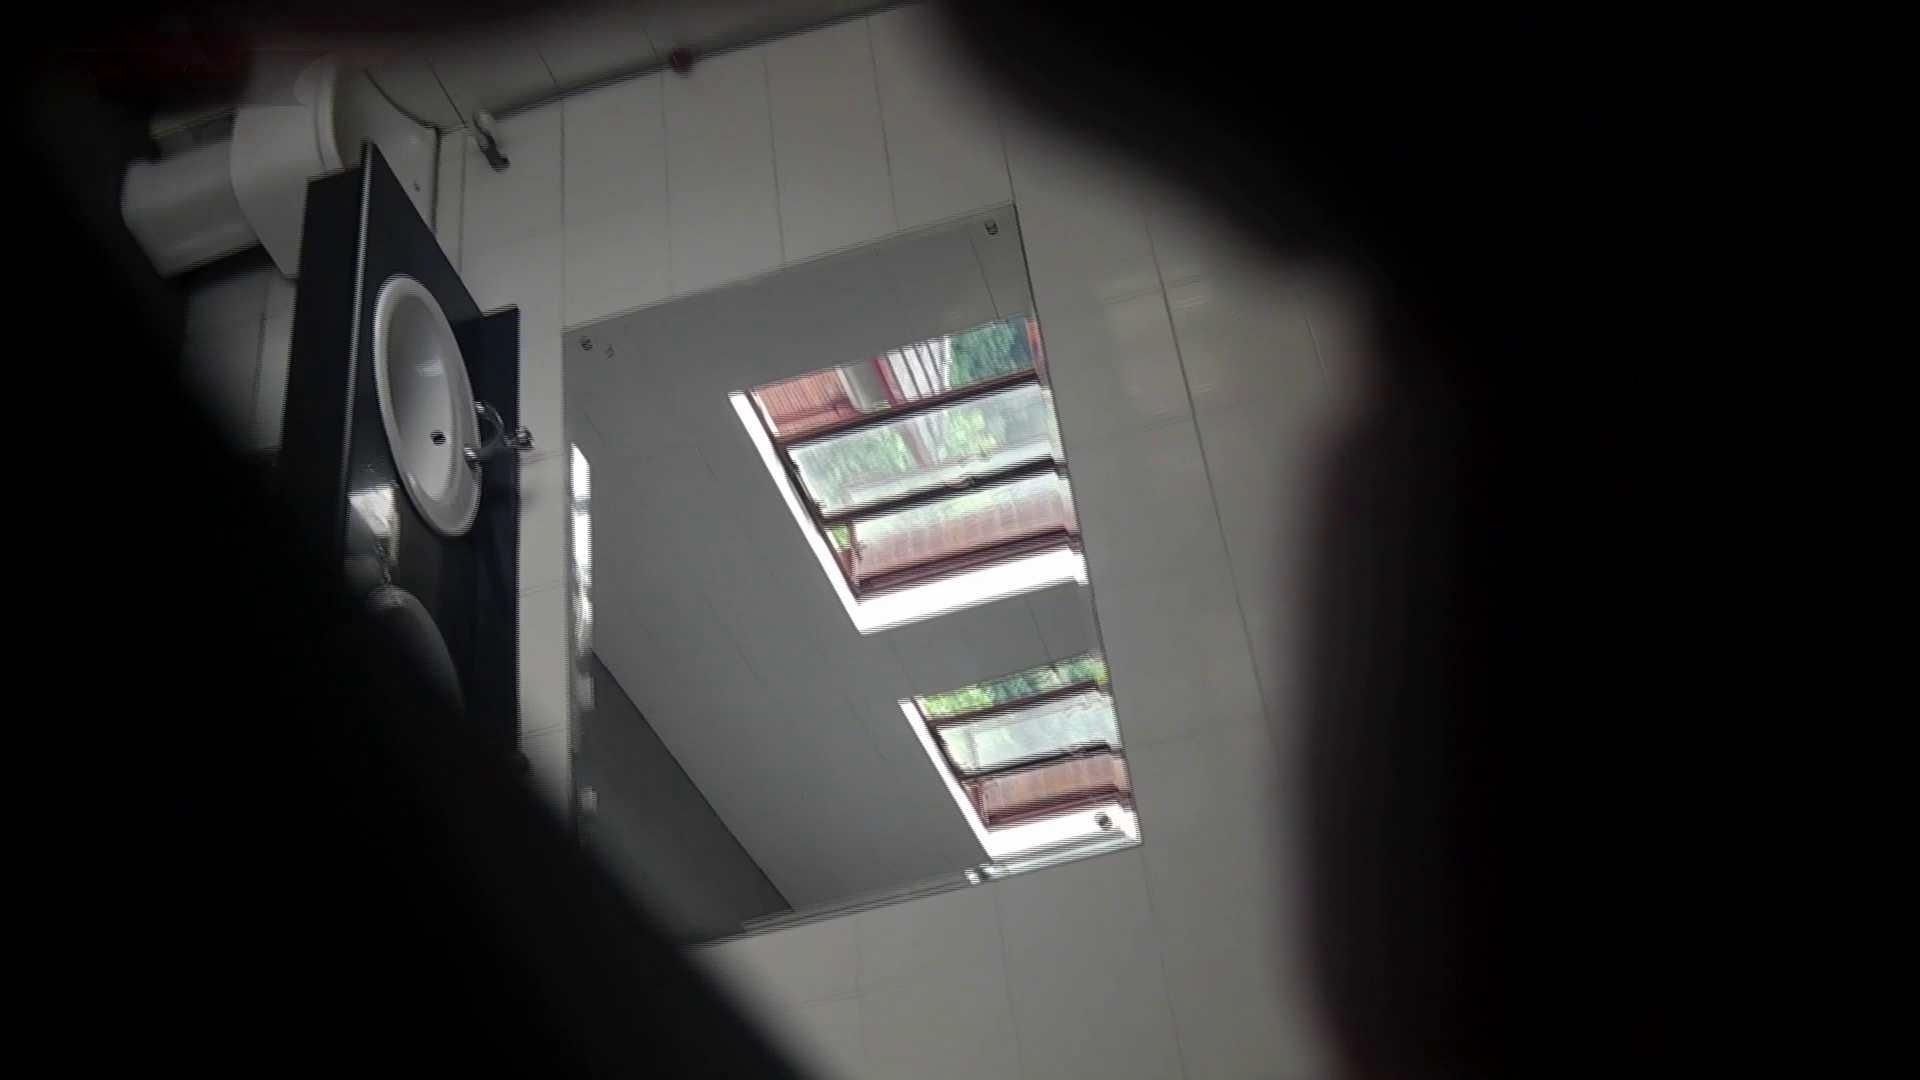 無修正ヌード|潜入!!台湾名門女学院 Vol.05 15センチ以上の濃厚糸を垂らしながら爽快|怪盗ジョーカー